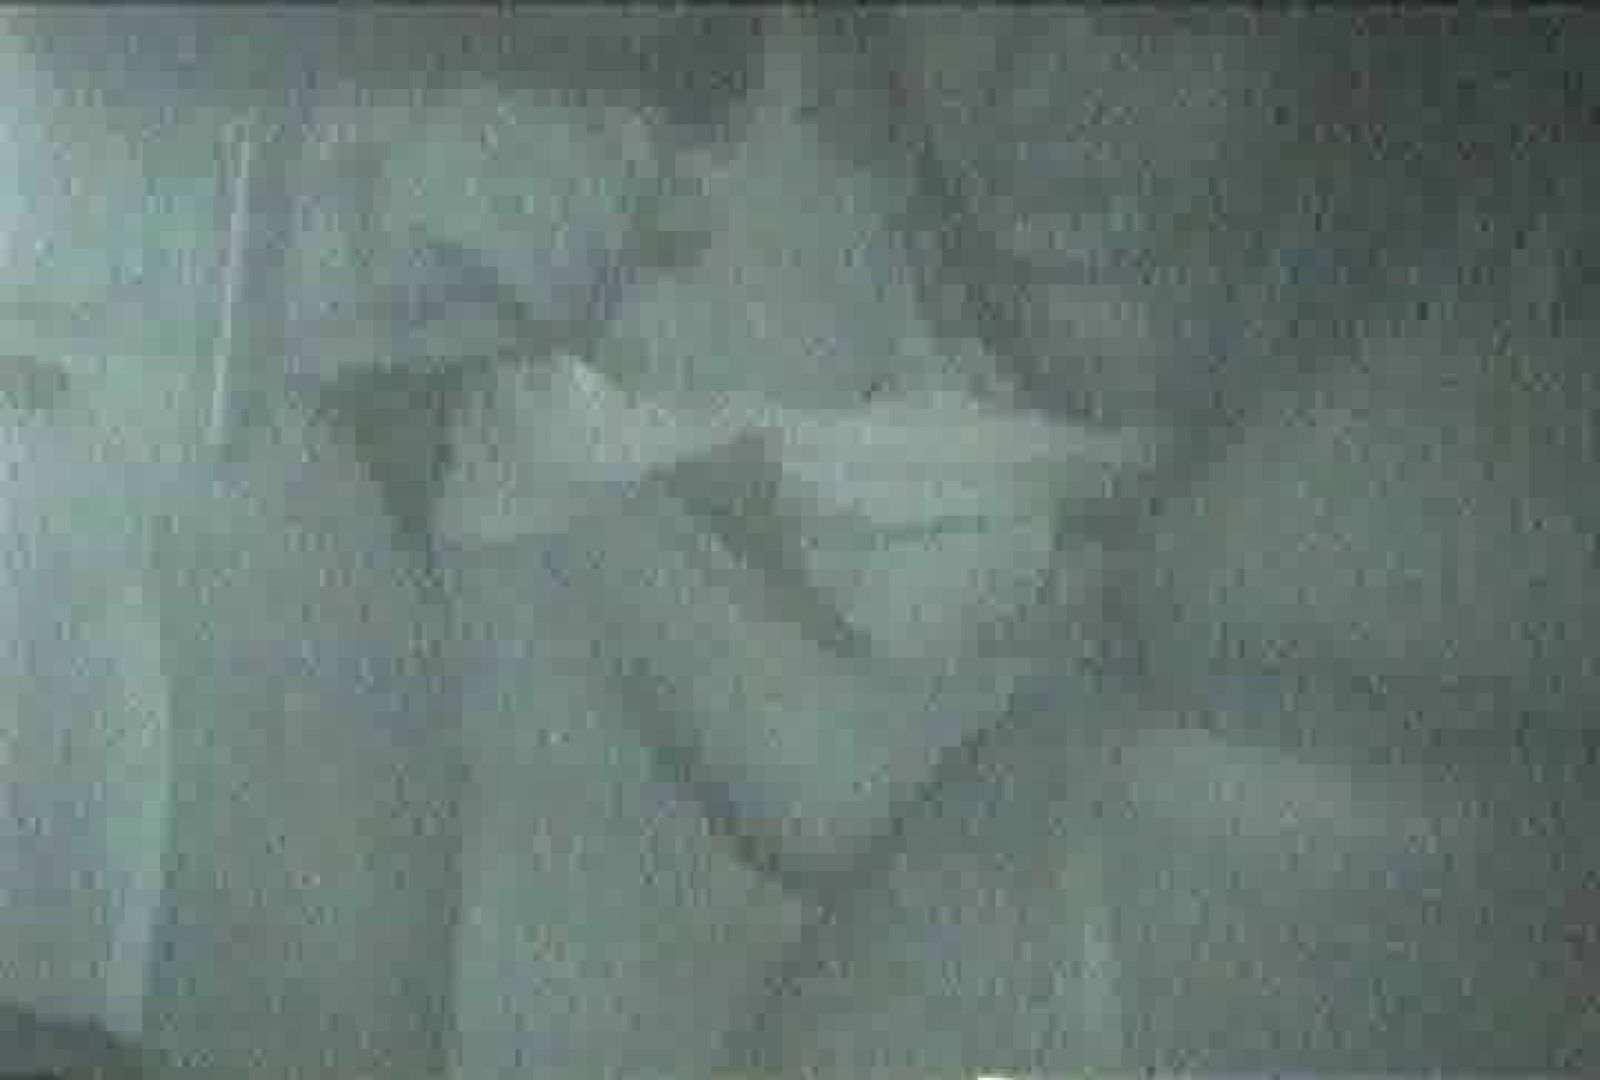 充血監督の深夜の運動会Vol.99 カップルのセックス | OLヌード天国  75PIX 57